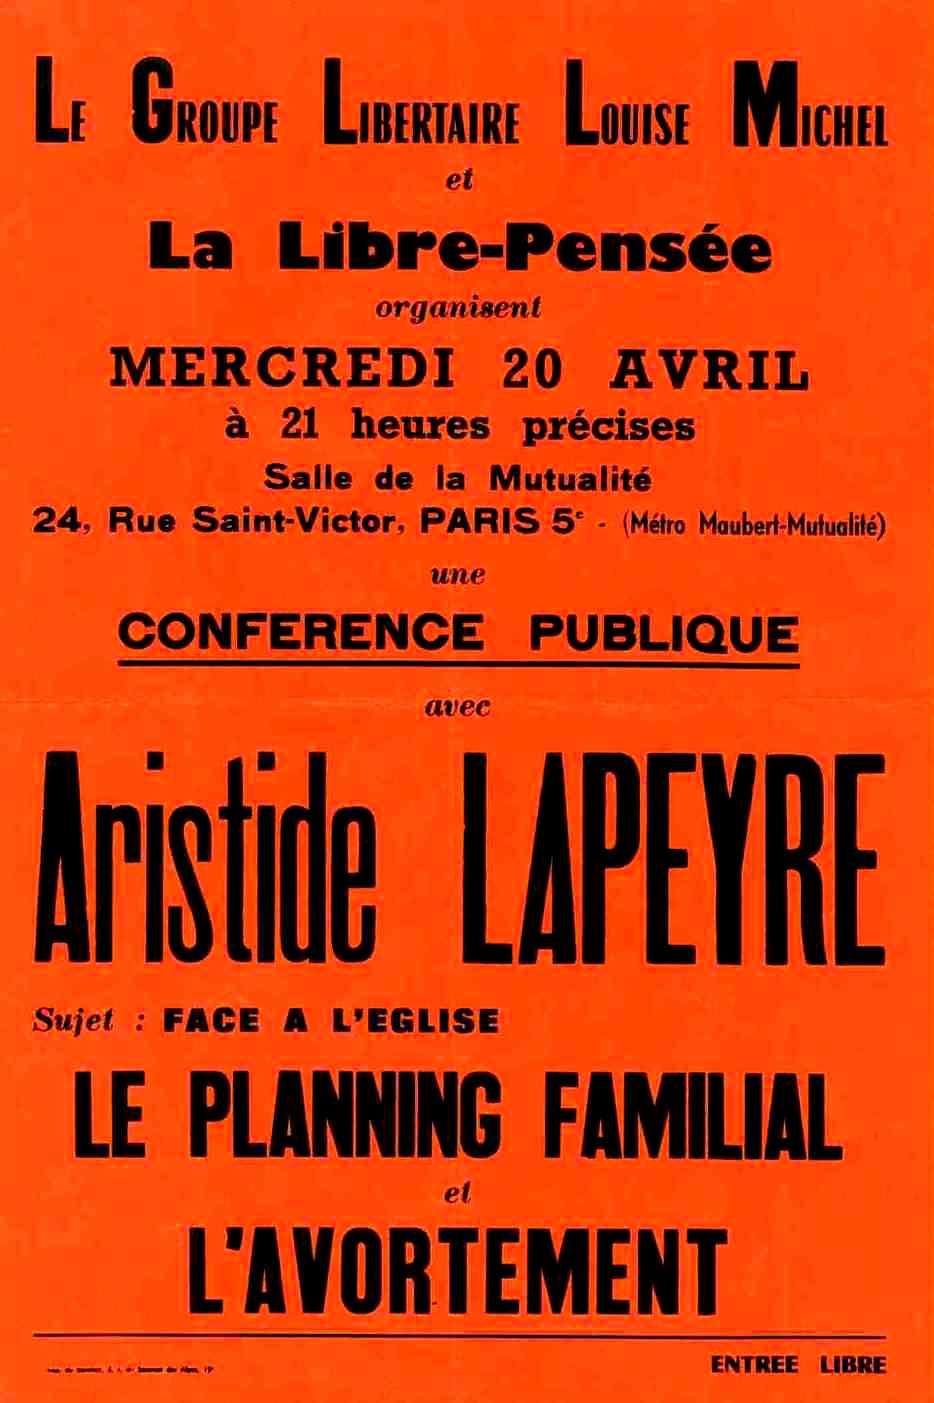 Cartell de la conferència de Lapeyre